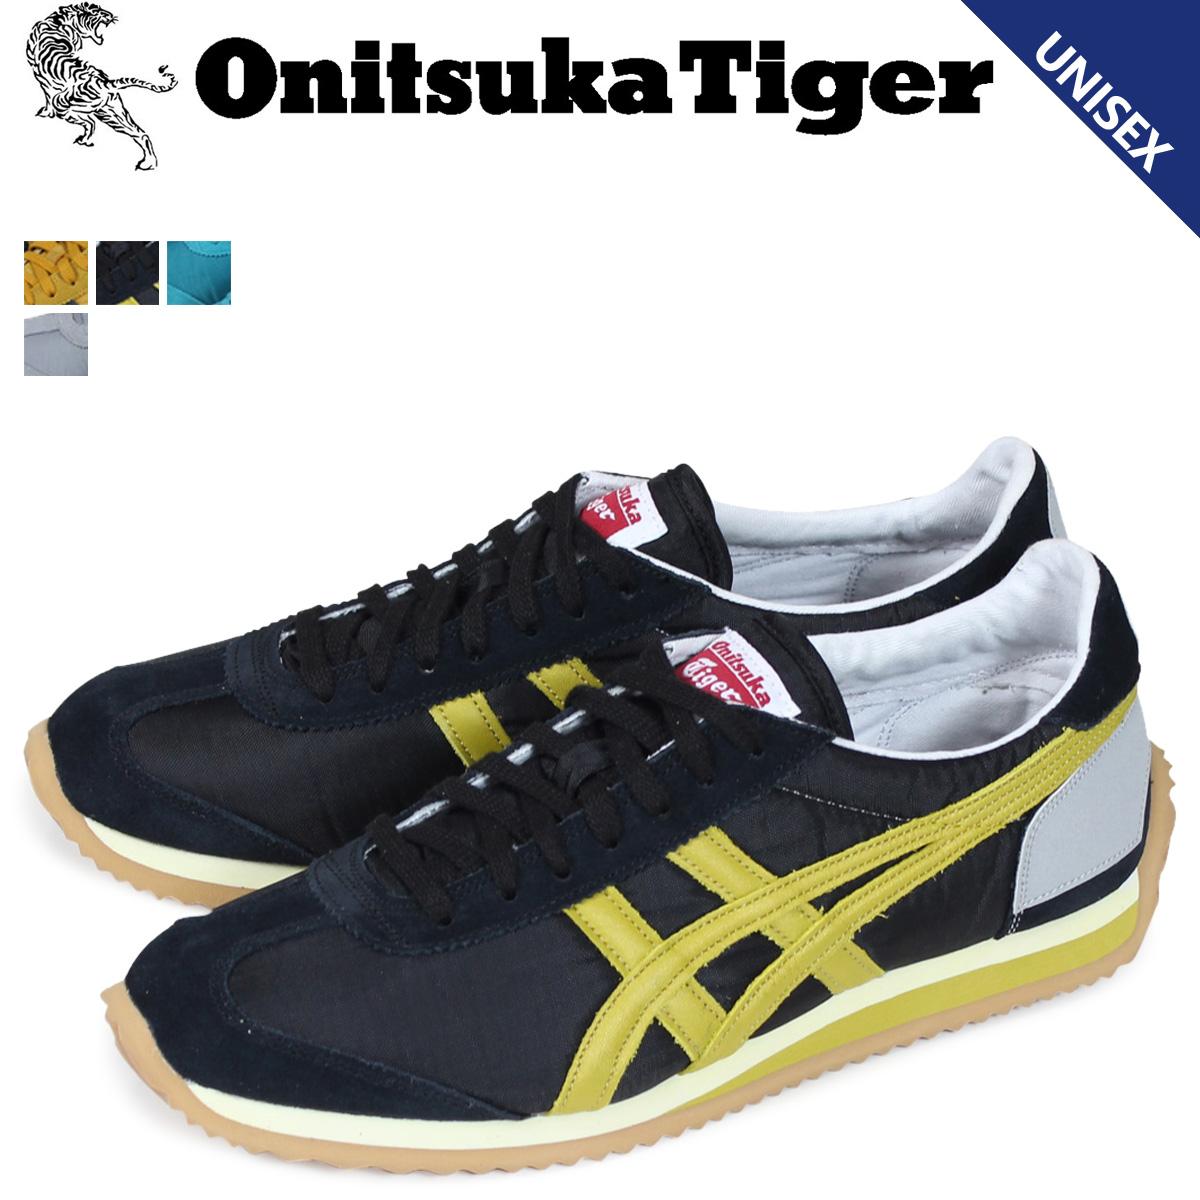 オニツカタイガー カリフォルニア Onitsuka Tiger asics メンズ レディース スニーカー アシックス CALIFORNIA 78 VIN TH110N 3195 8358 9096 9696